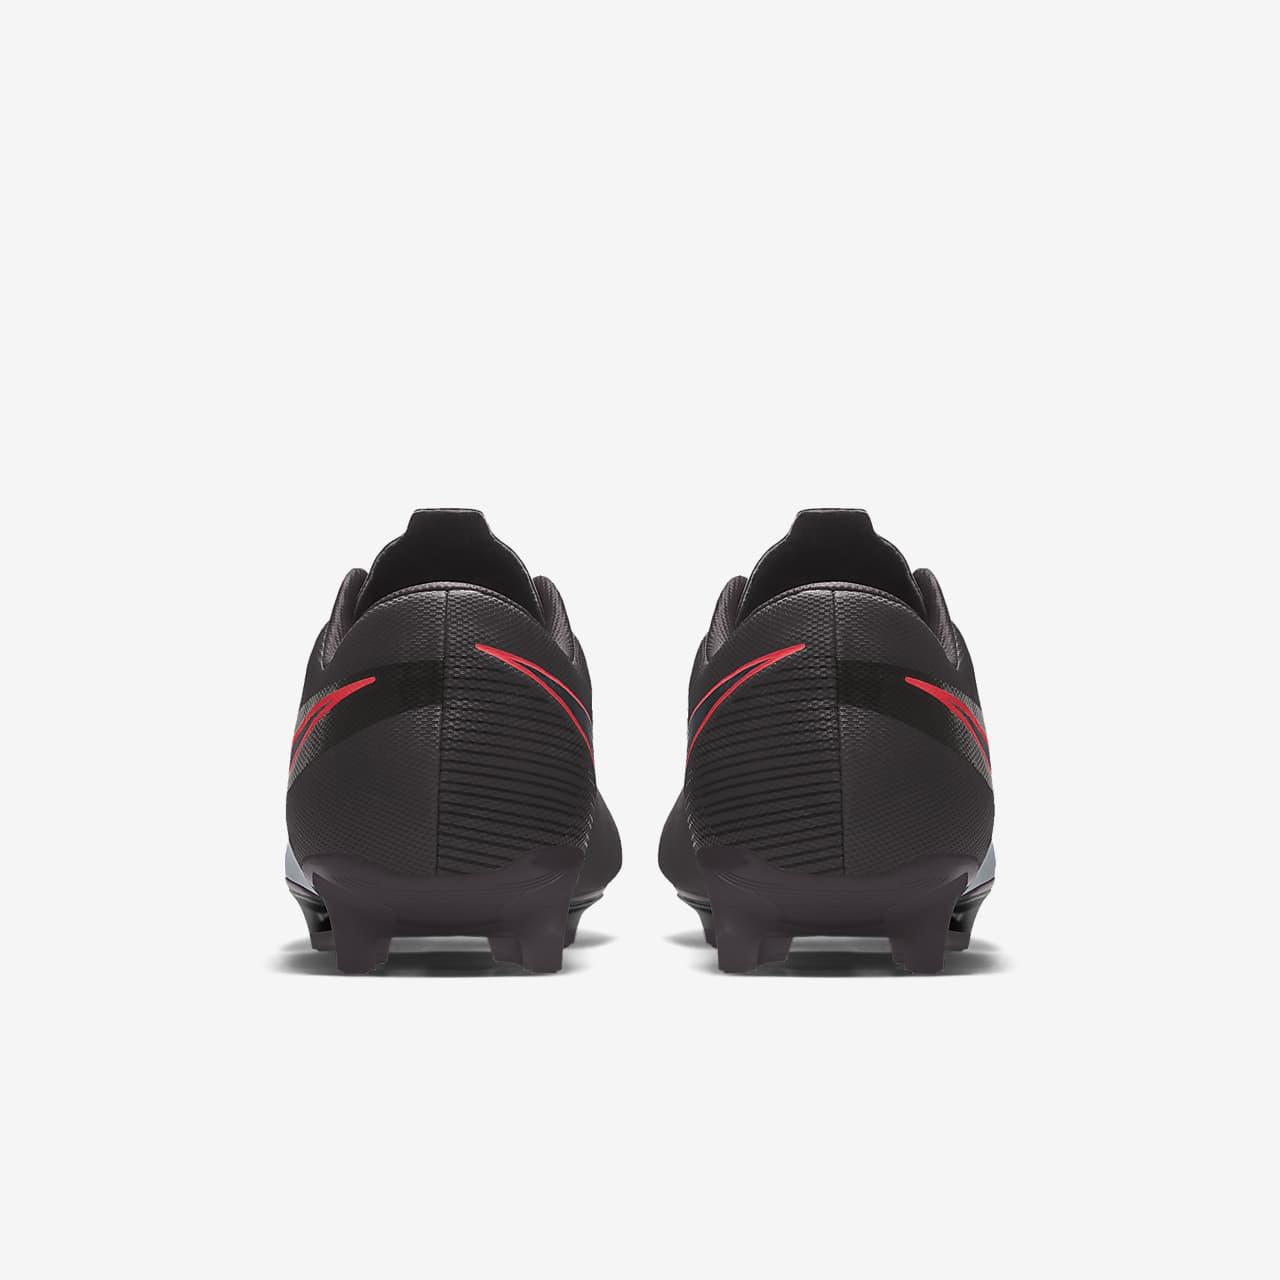 Chaussure de football à crampons pour terrain sec personnalisable Nike Mercurial Vapor 13 Academy By You